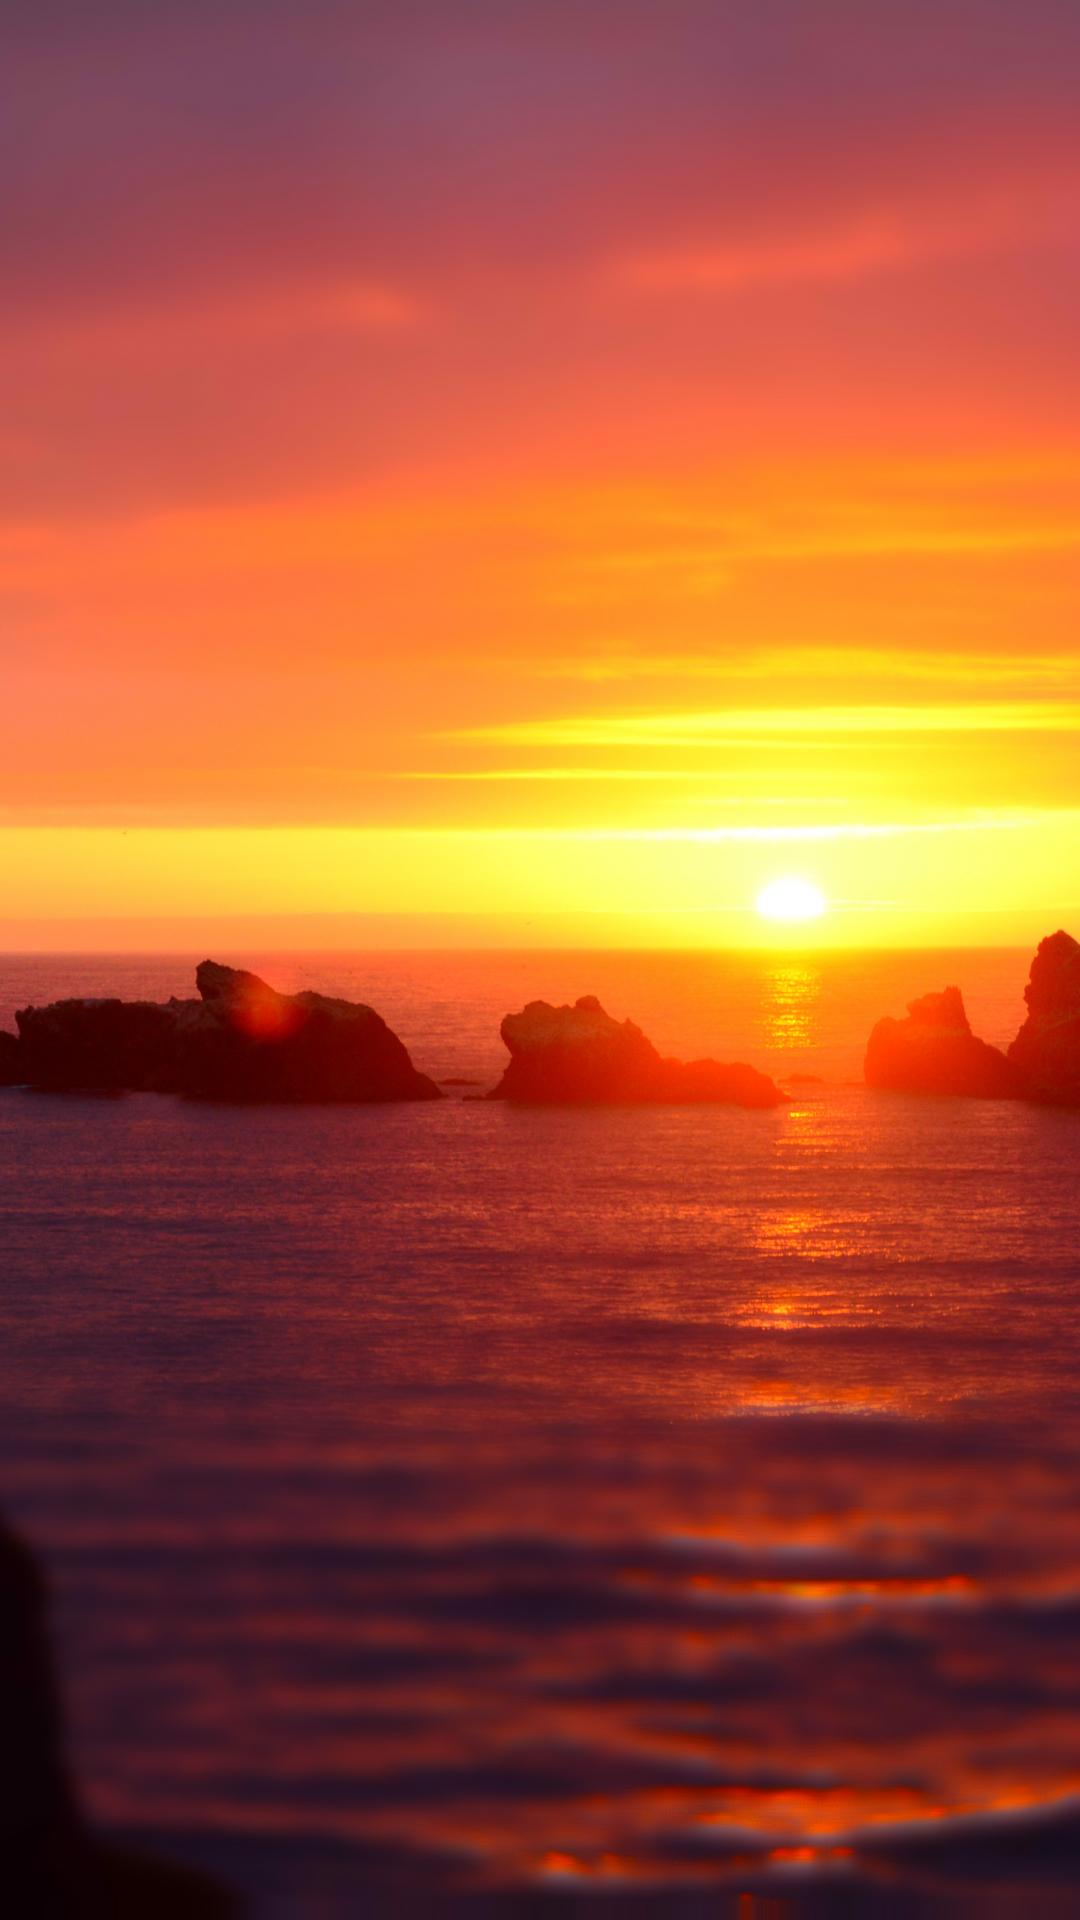 Ocean And Rocks iPhone Wallpaper